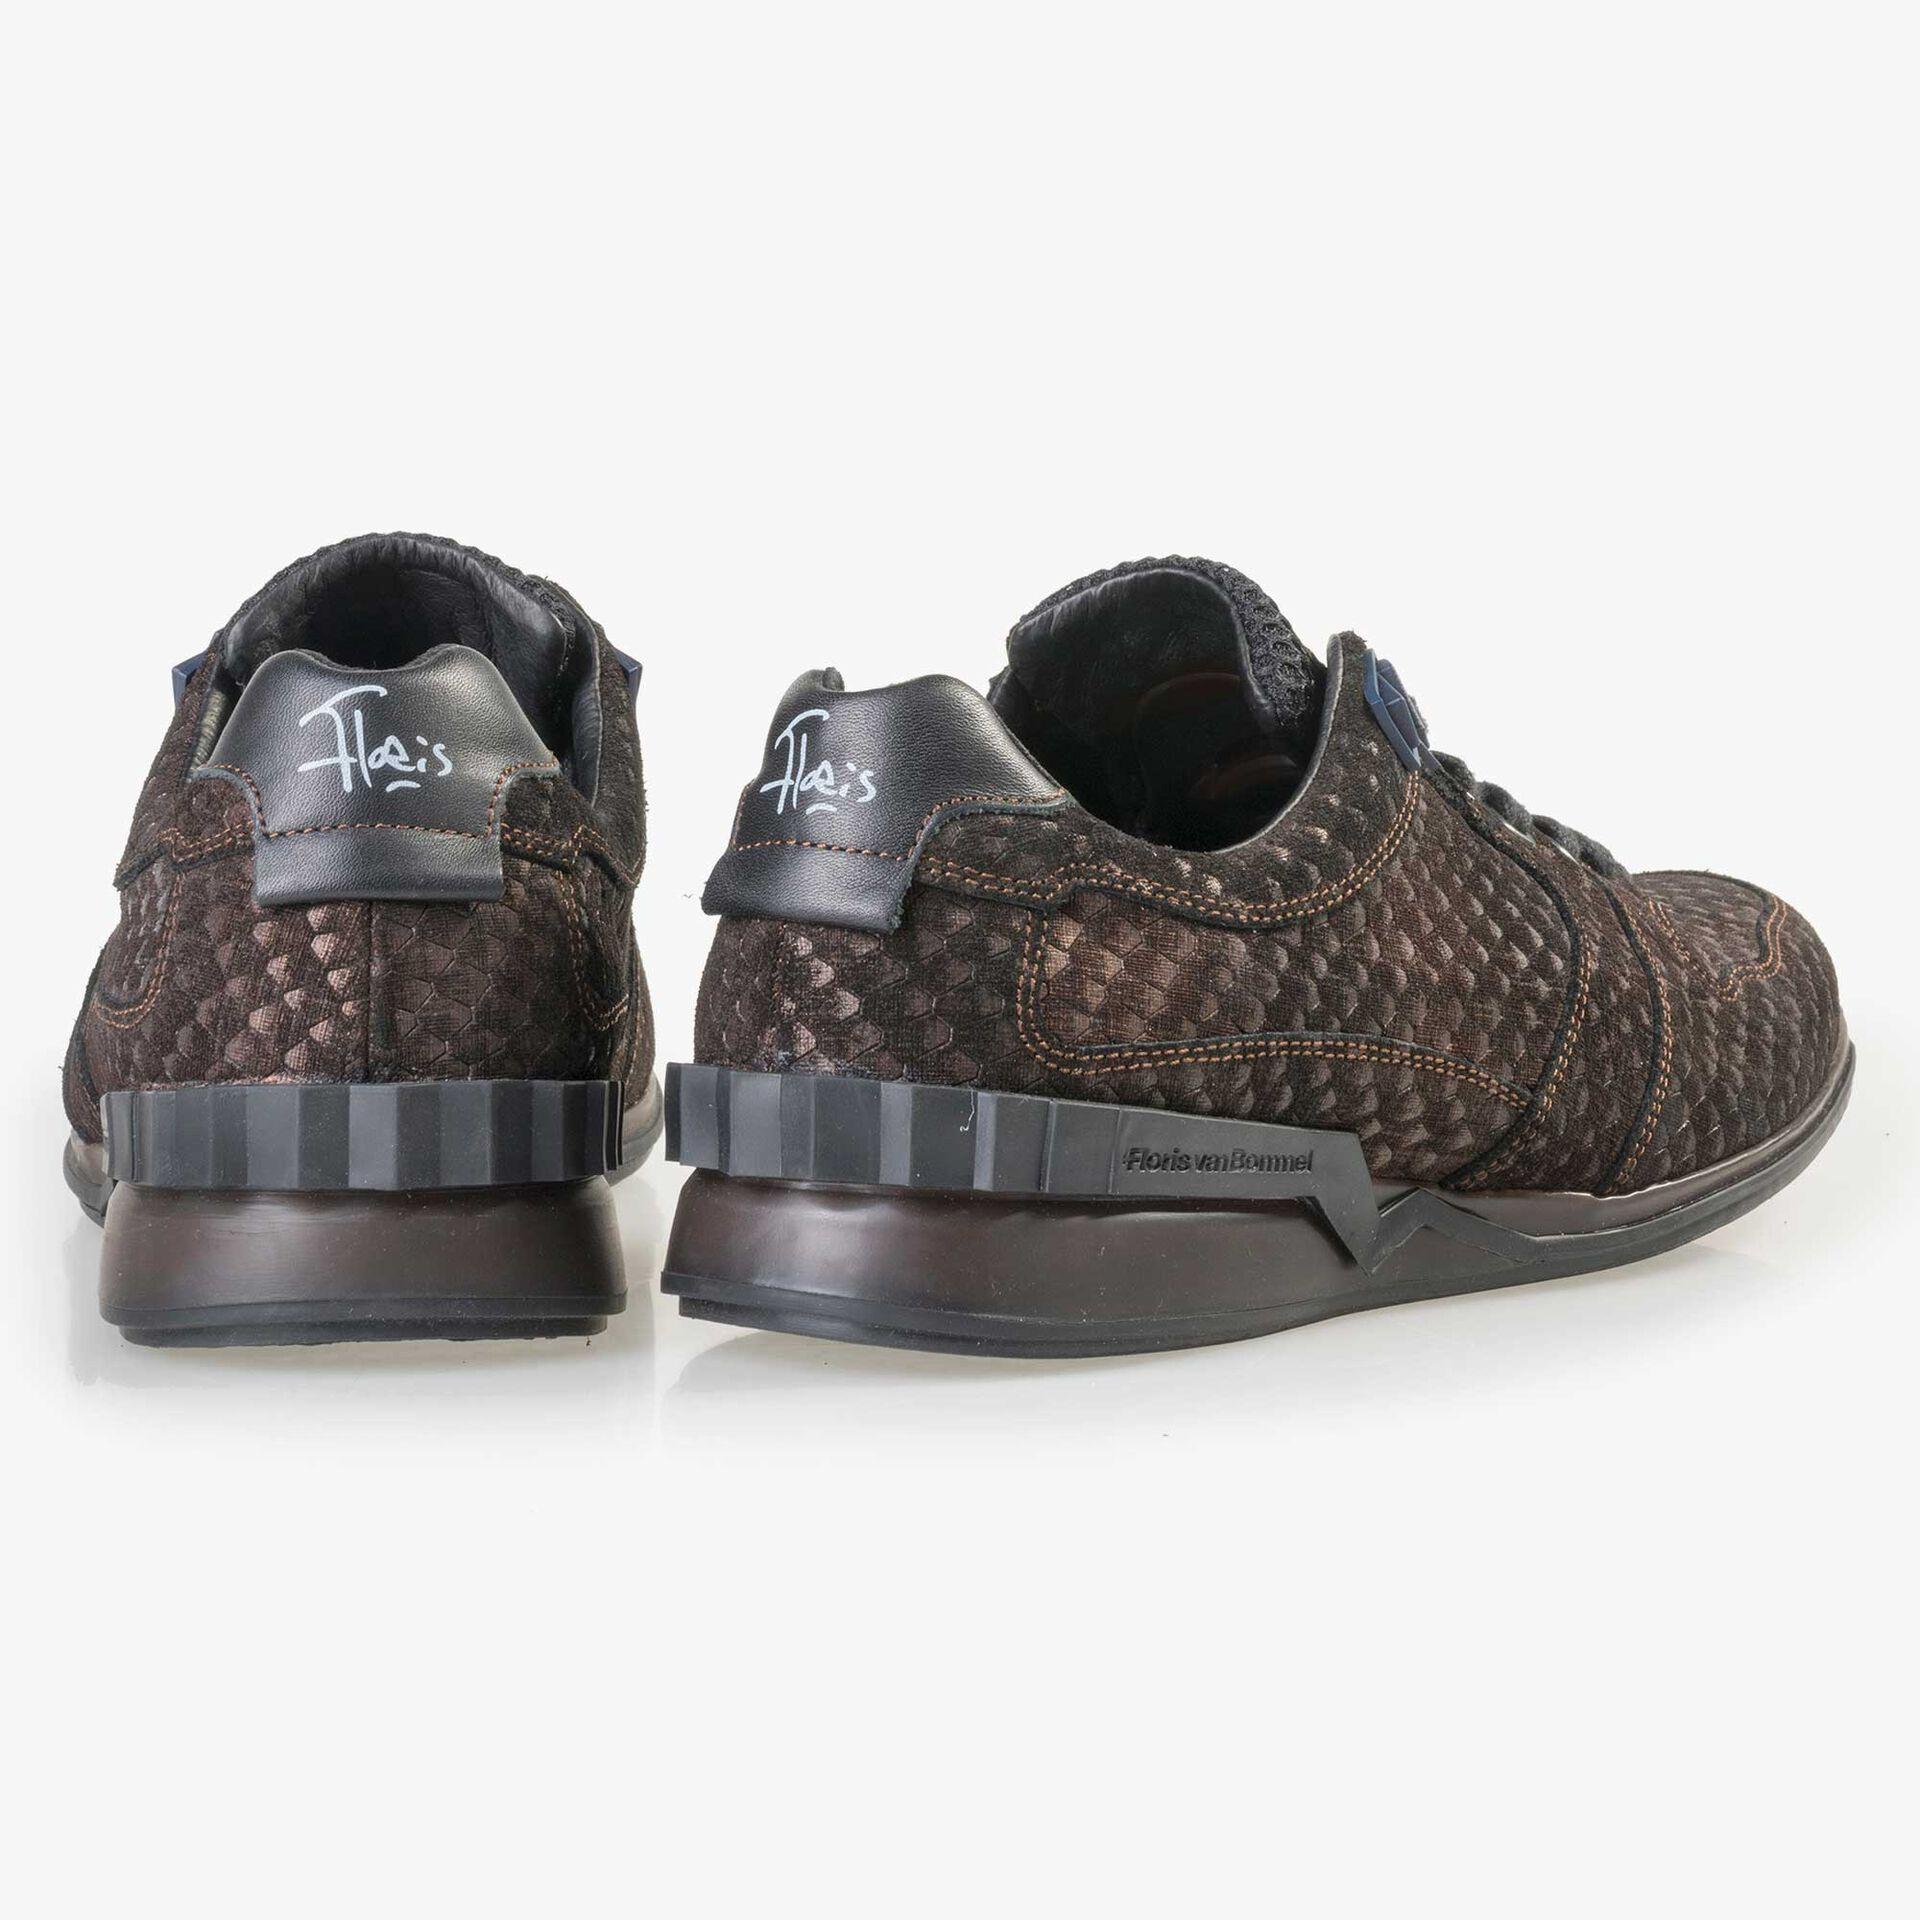 Floris van Bommel brown suede leather snake print sneaker